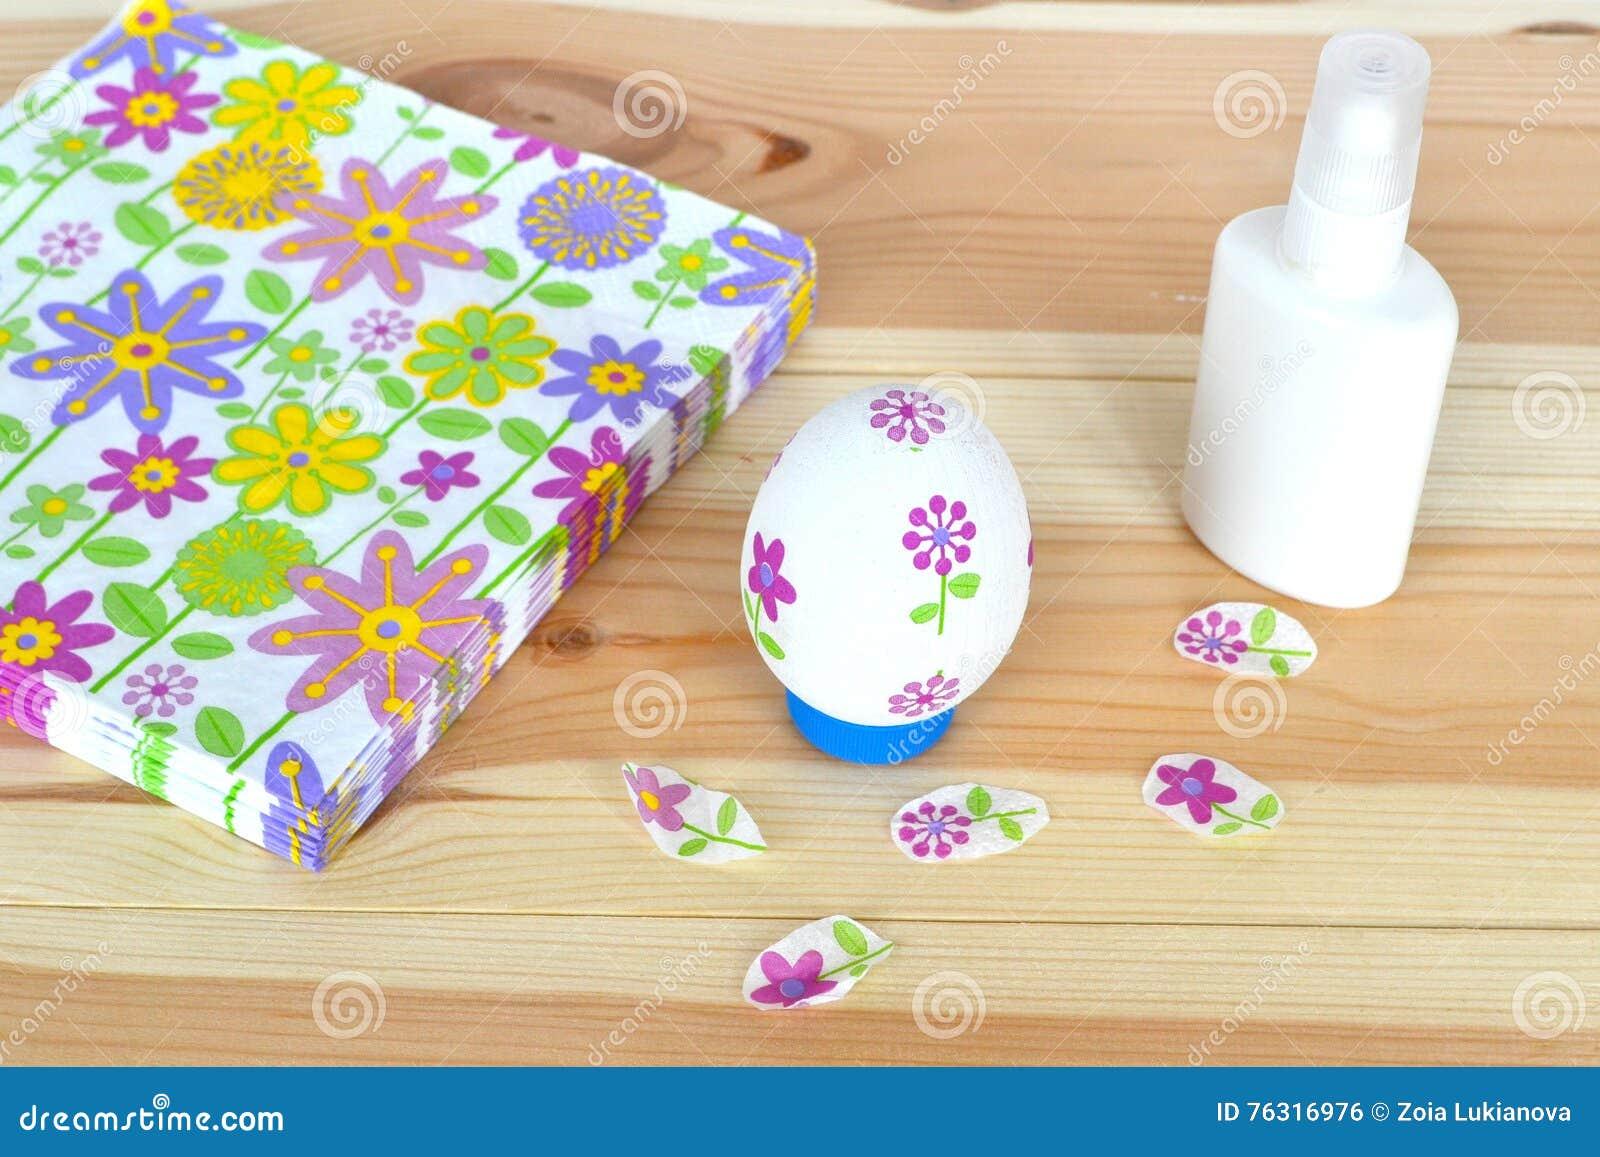 Uovo di pasqua di decoupage colla tovaglioli con un - Modello di uovo stampabile gratuito ...